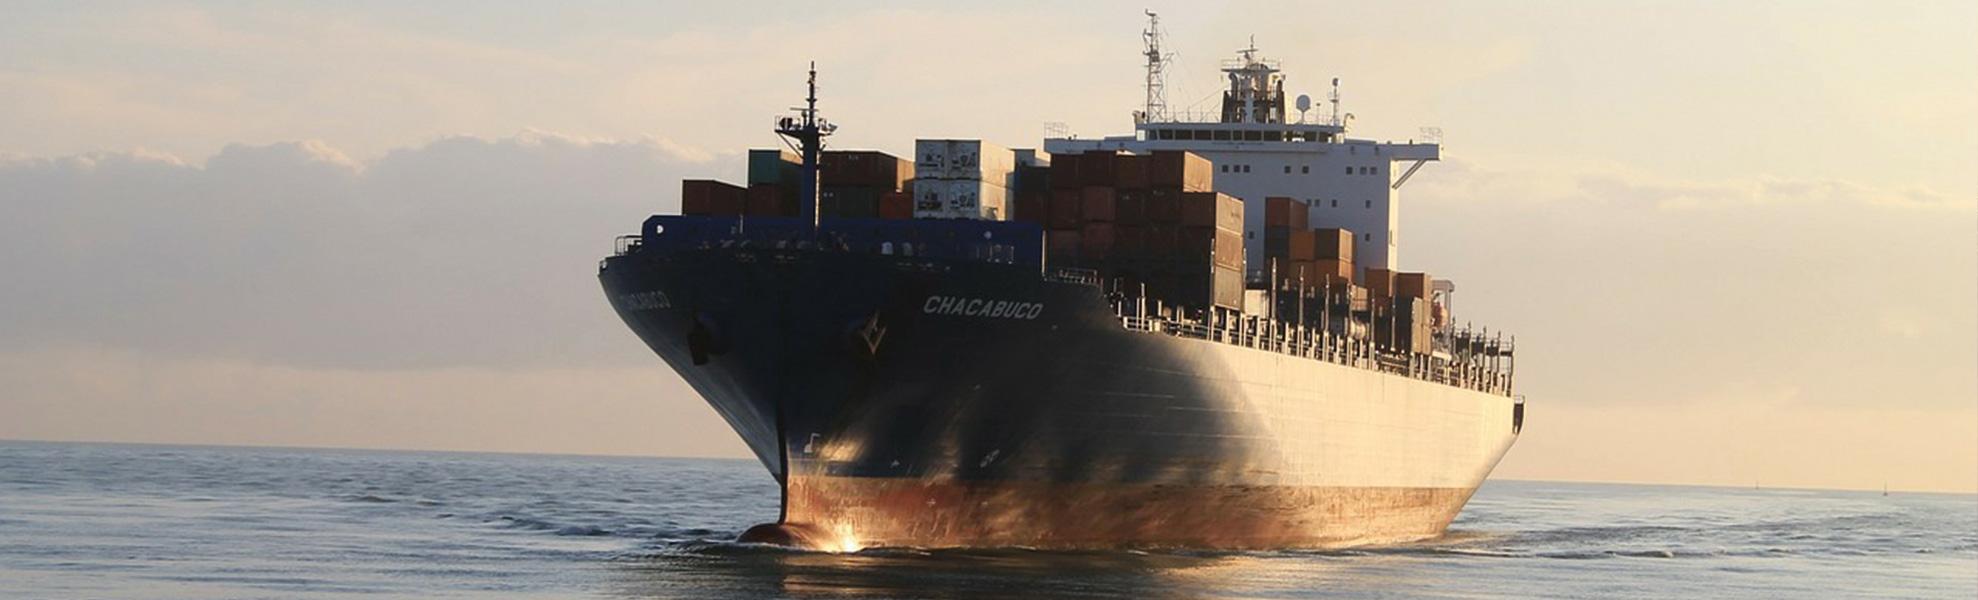 Containerschiff Chacabuco auf See 1978x600 | Verein Bremer Spediteure